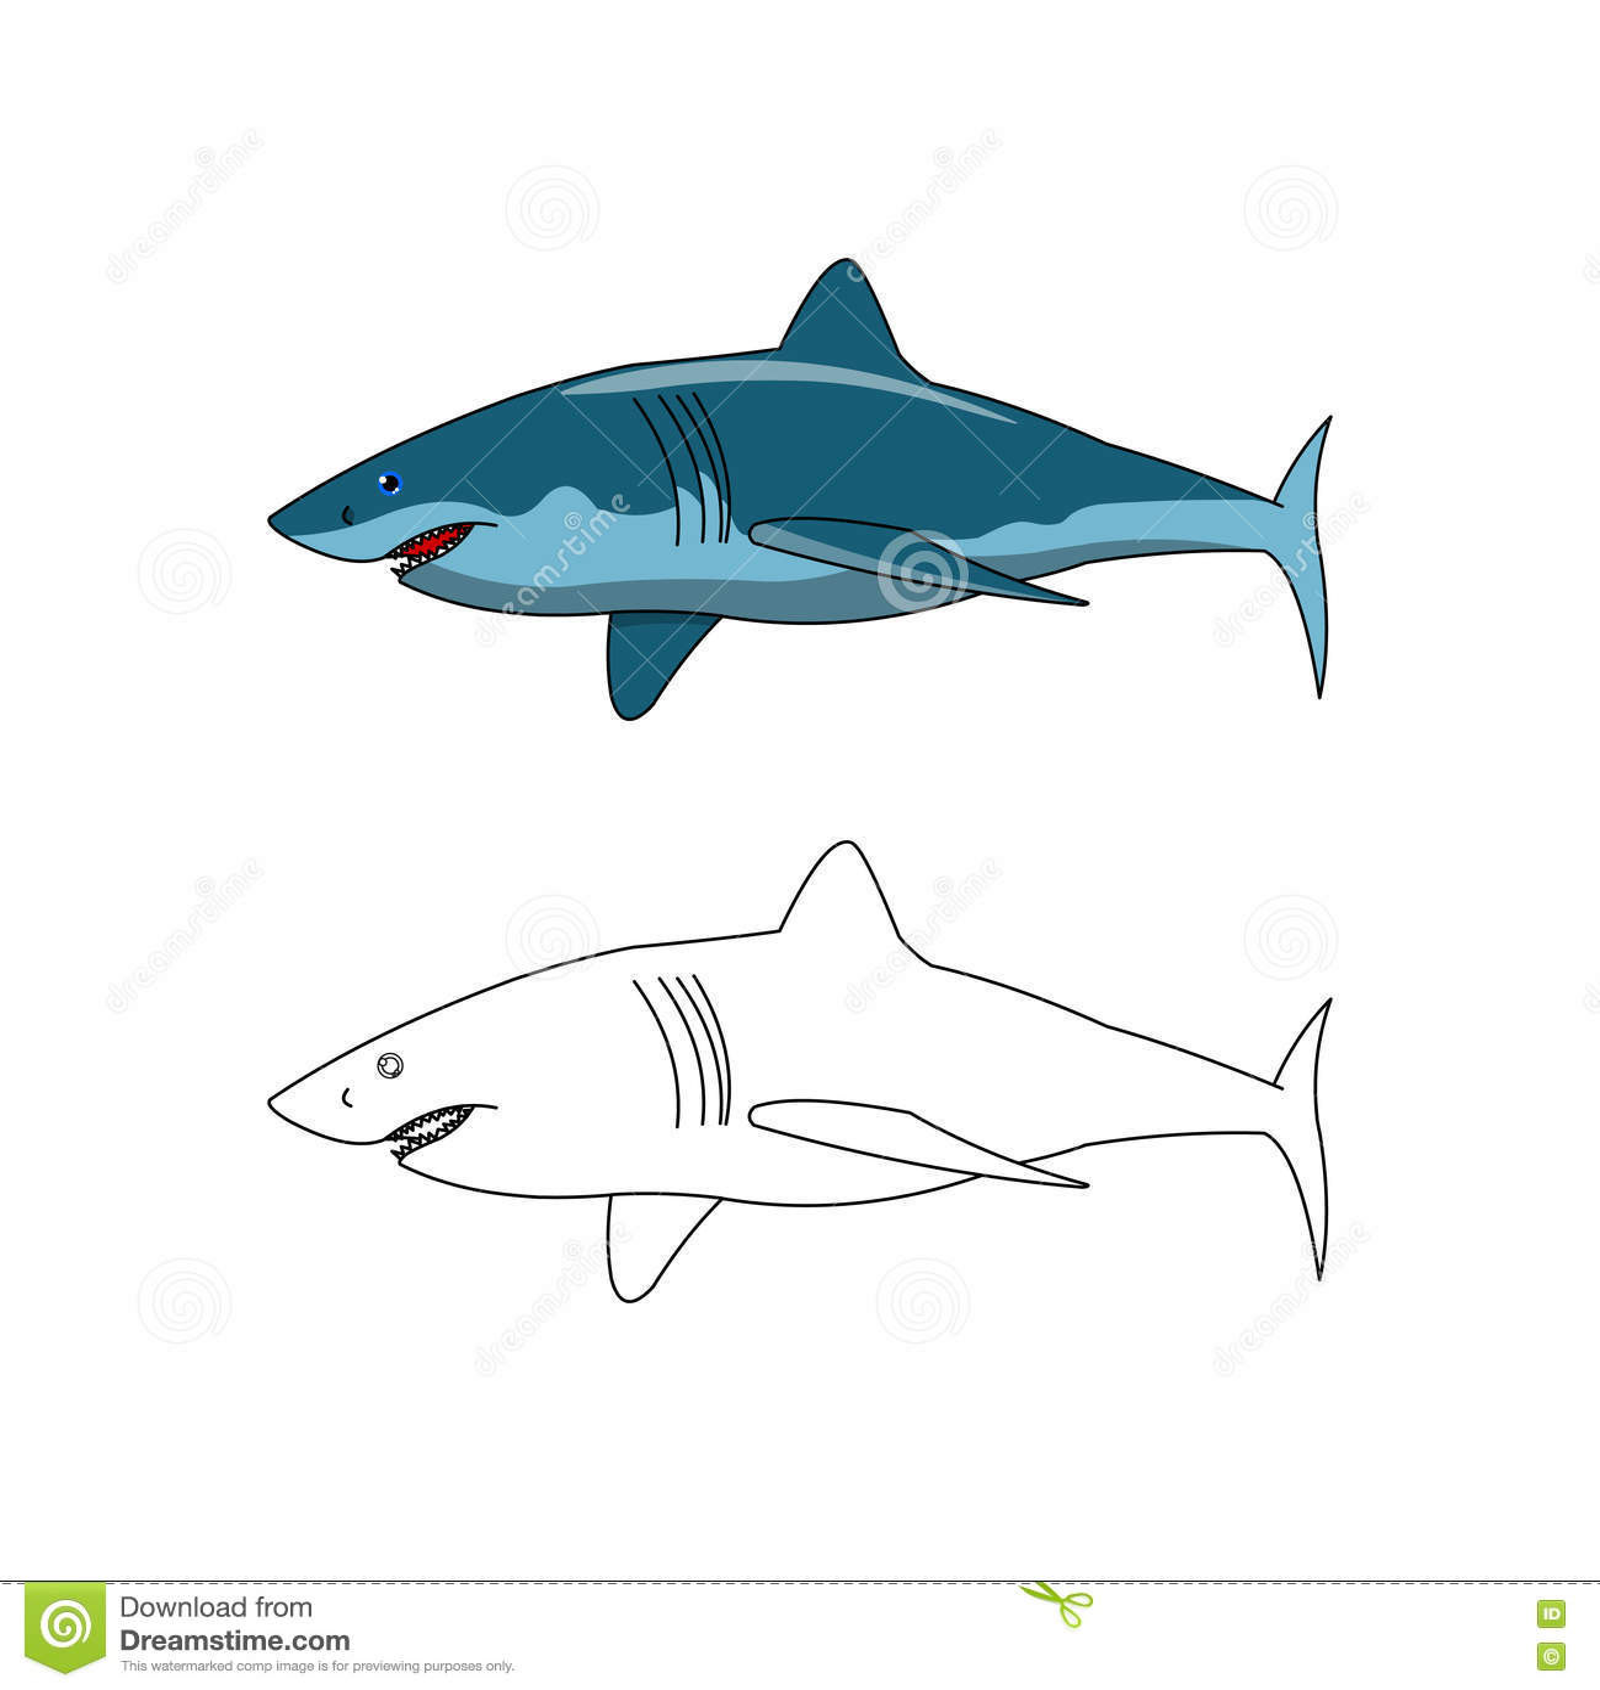 shark color and outline stock illustration illustration of sharks